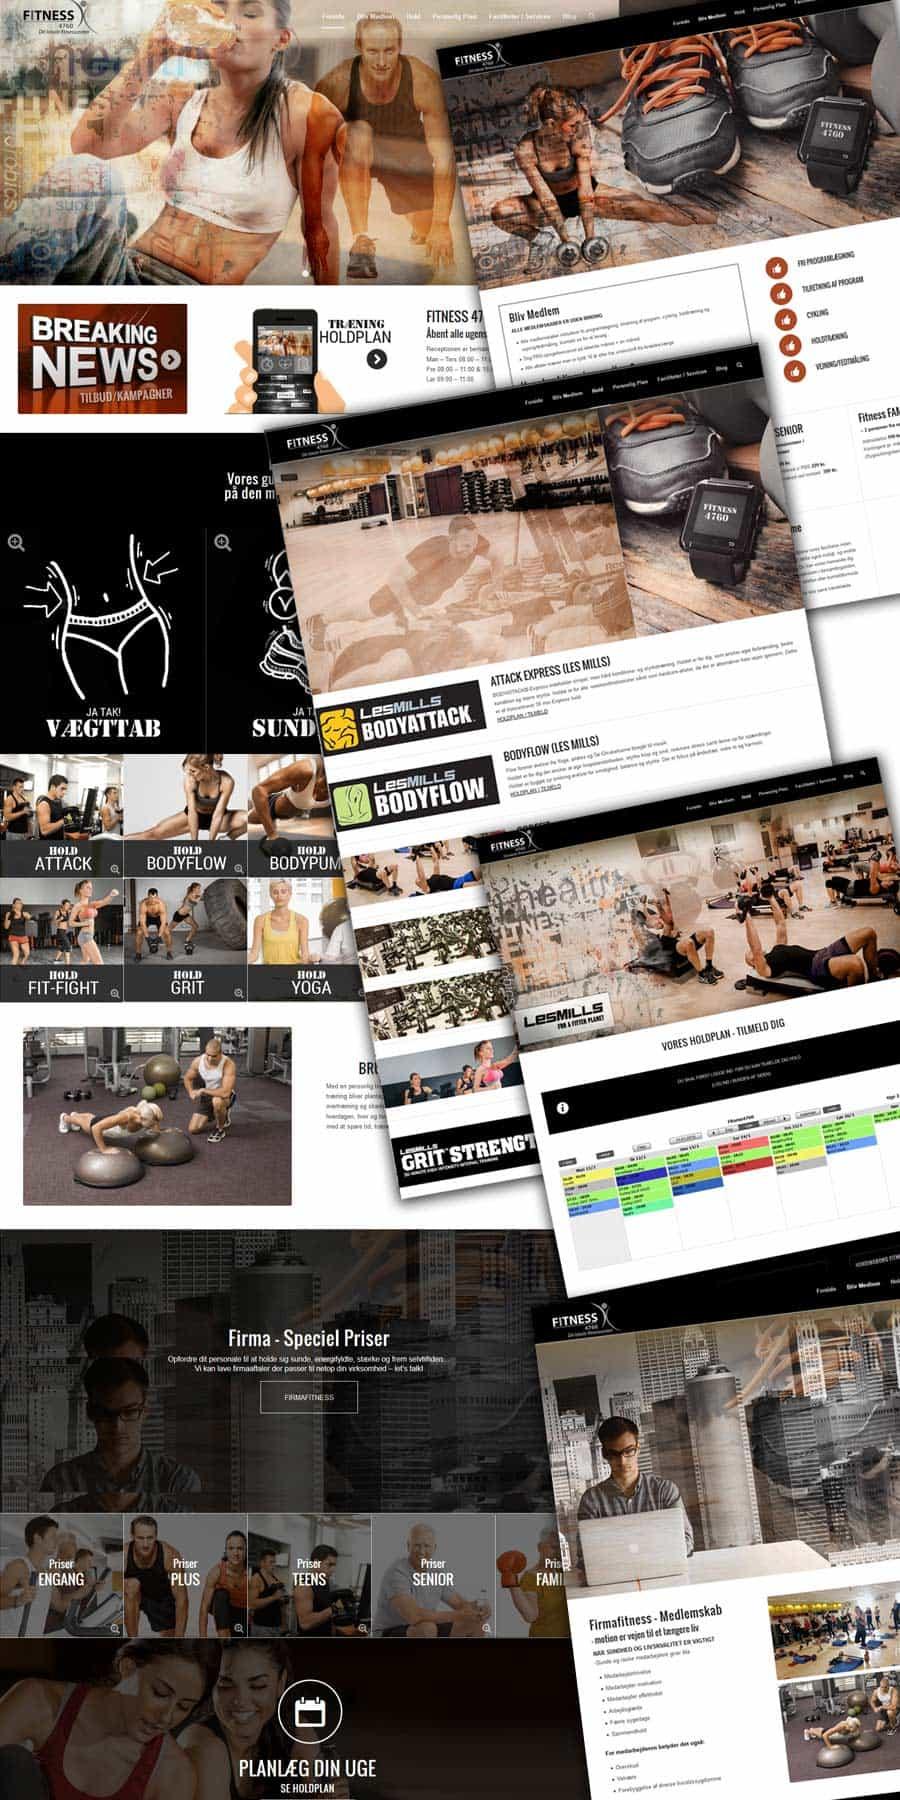 Efter Billeder - Fitness4760 hjemmeside